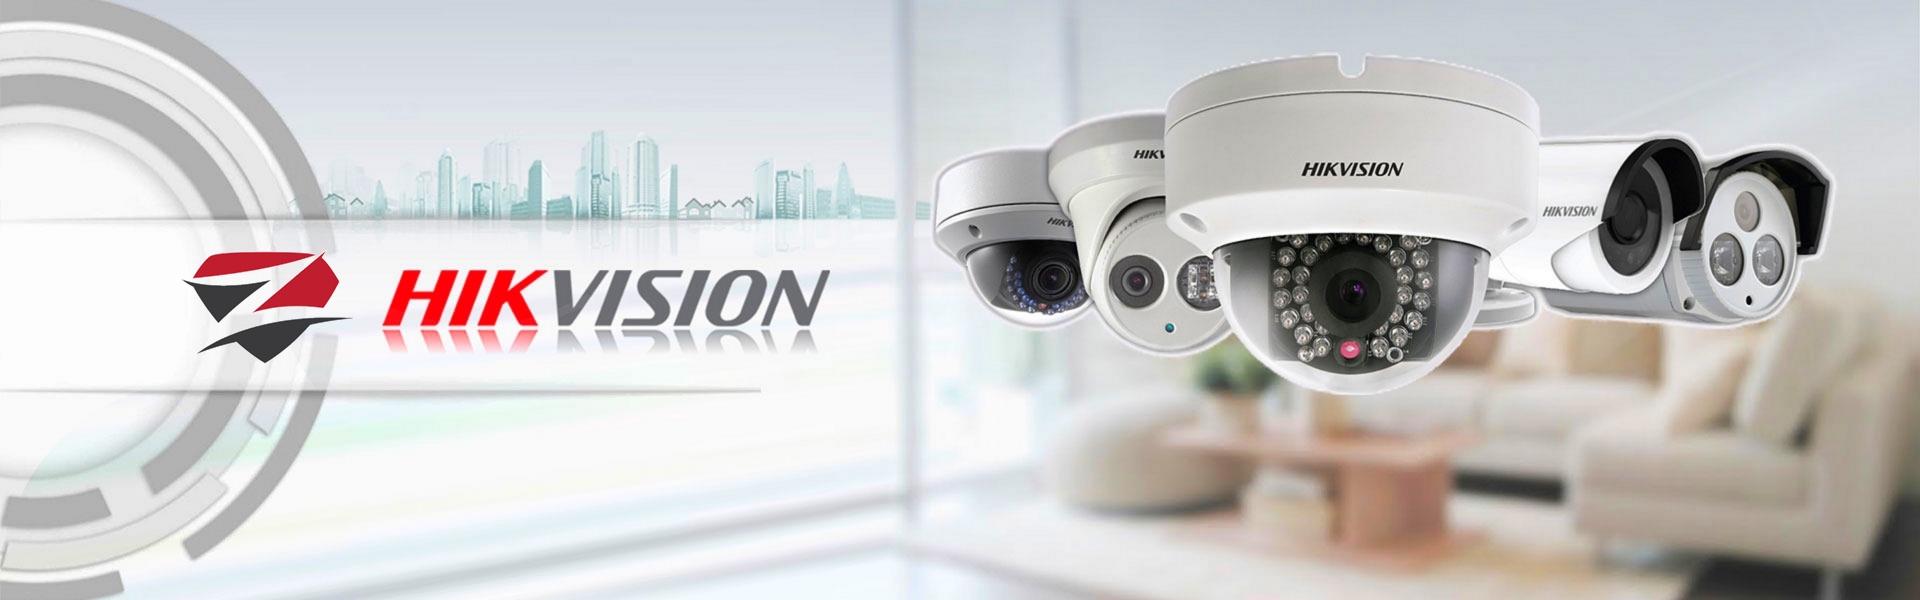 bán sản phẩm hikvision chính hãng giá tốt tại camera-z.com